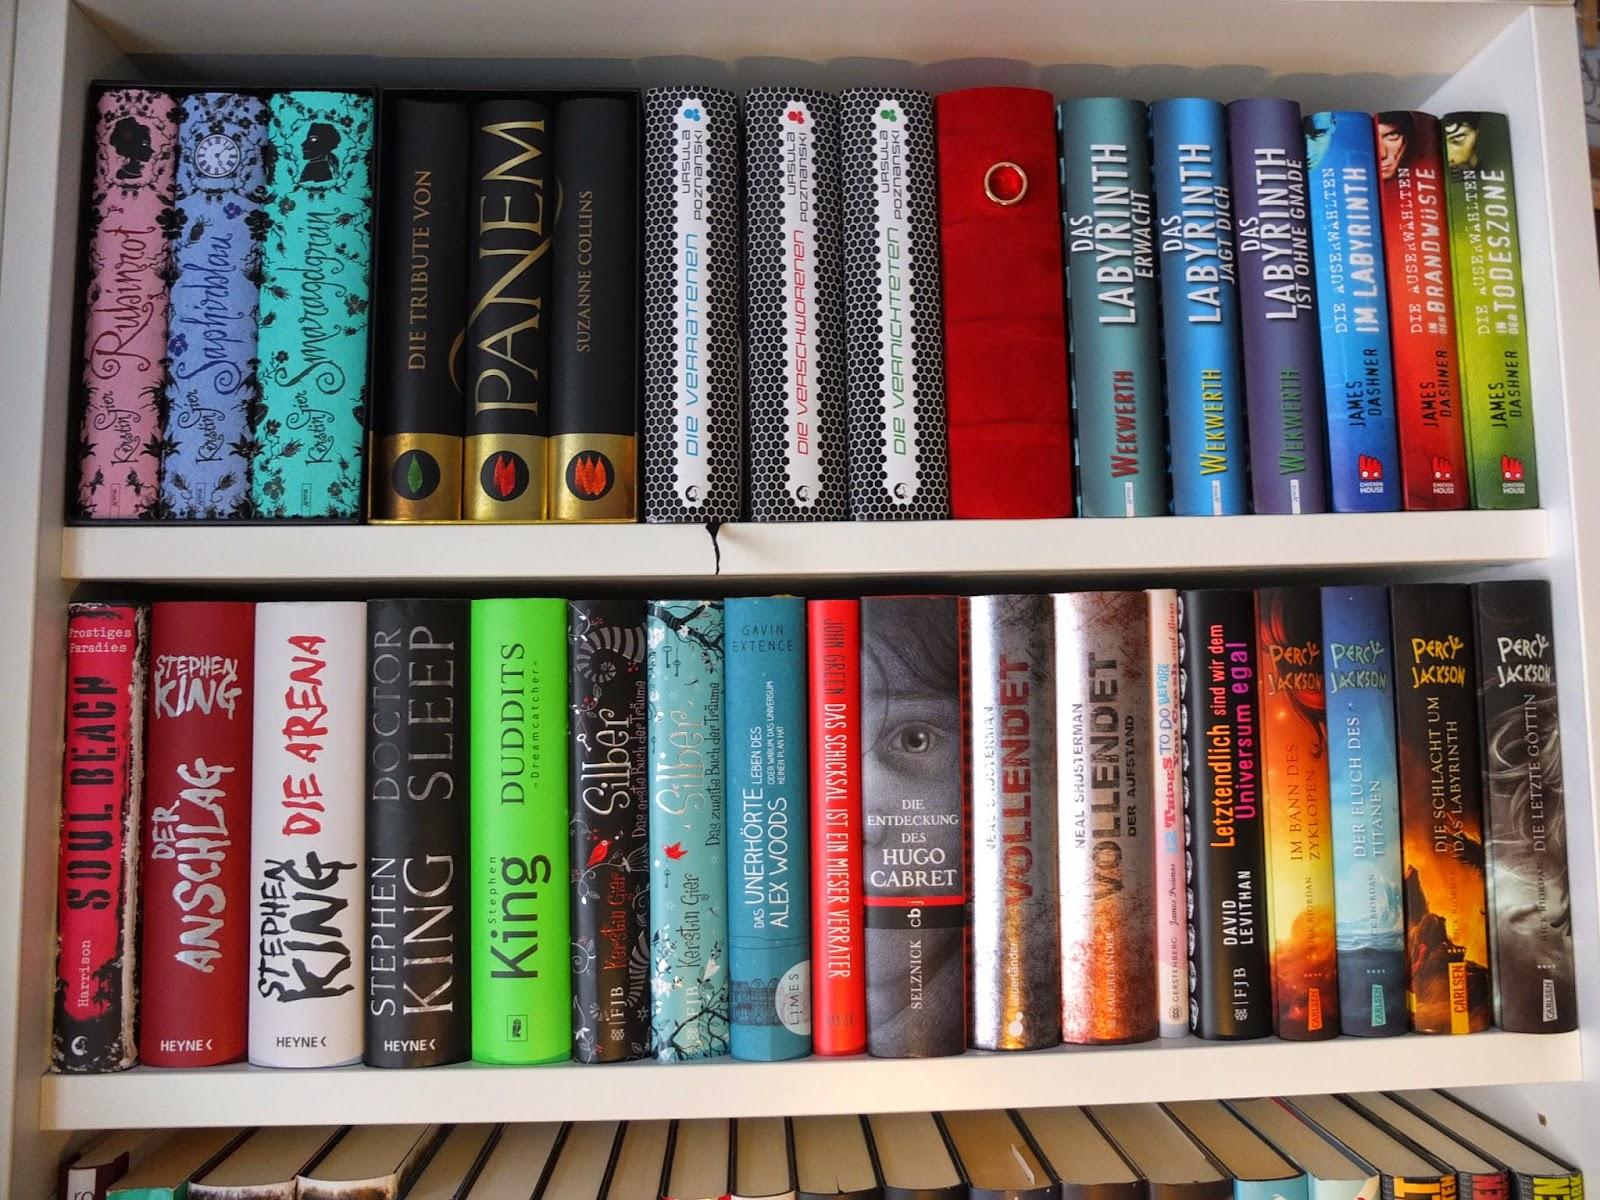 Bücherreihe regal  Bücherzauber - Magie der Worte: Unsere Bücherregale